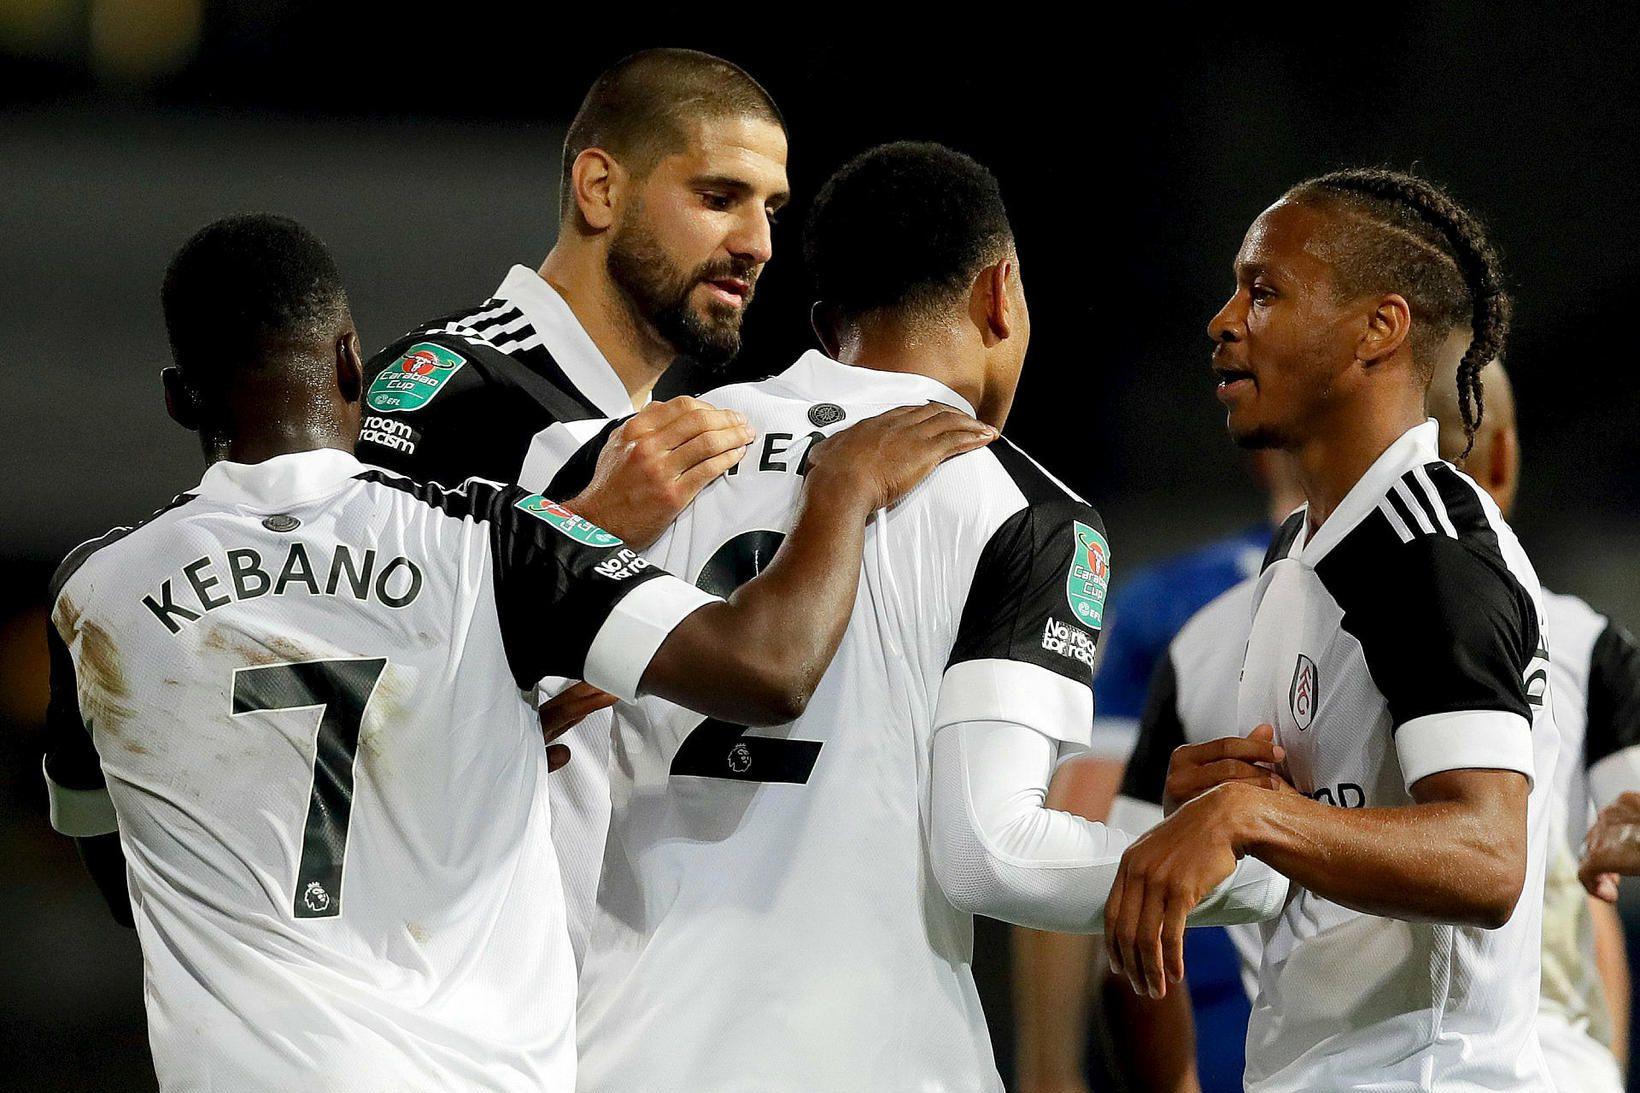 Leikmenn Fulham fagna sigurmarki Aleksandar Mitrovic í kvöld.